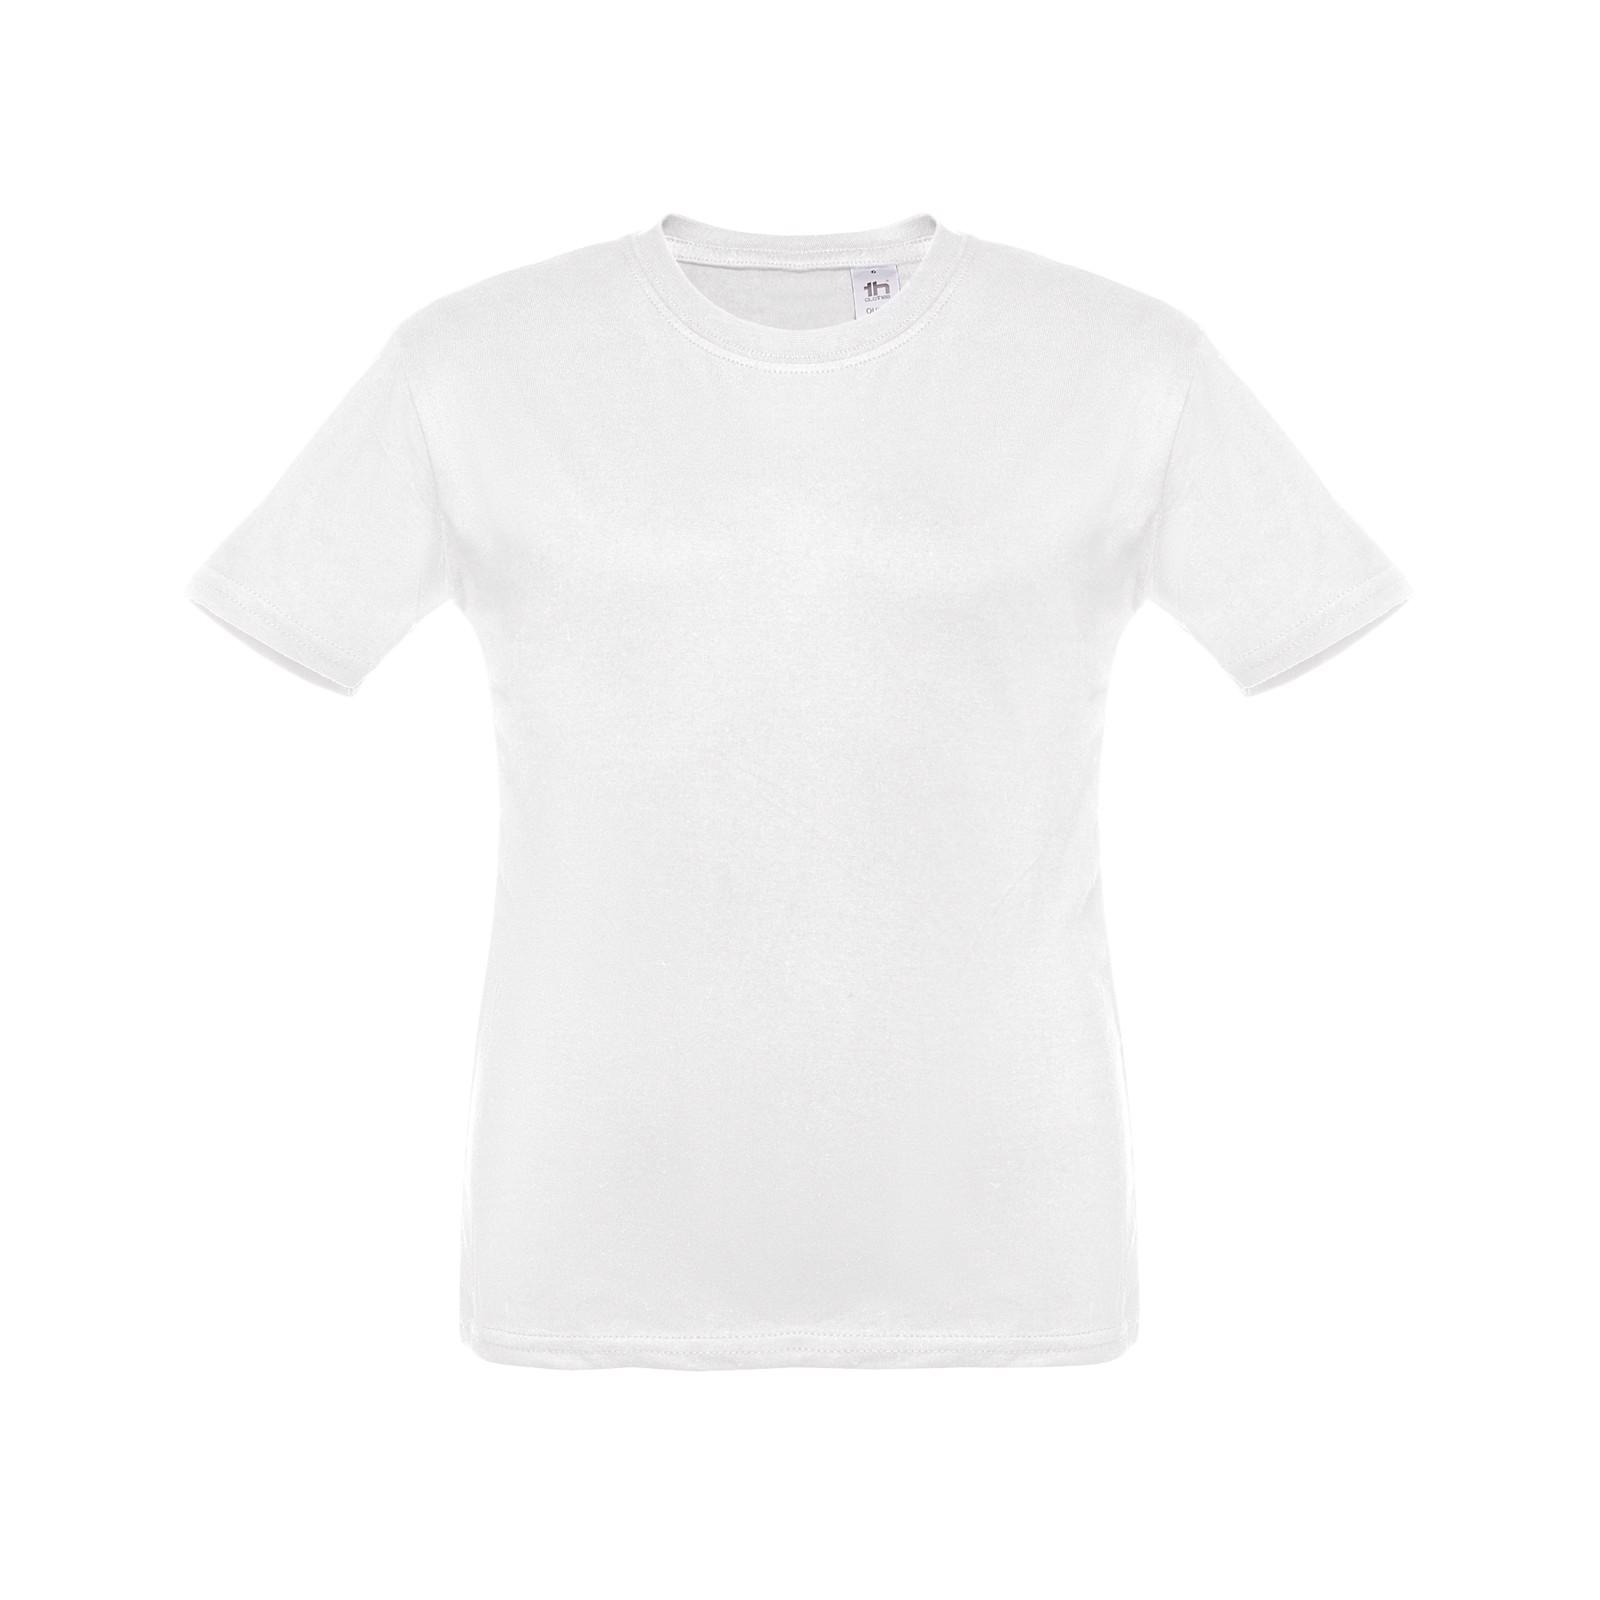 THC ANKARA KIDS WH. Dětské tričko - Bílá / 2